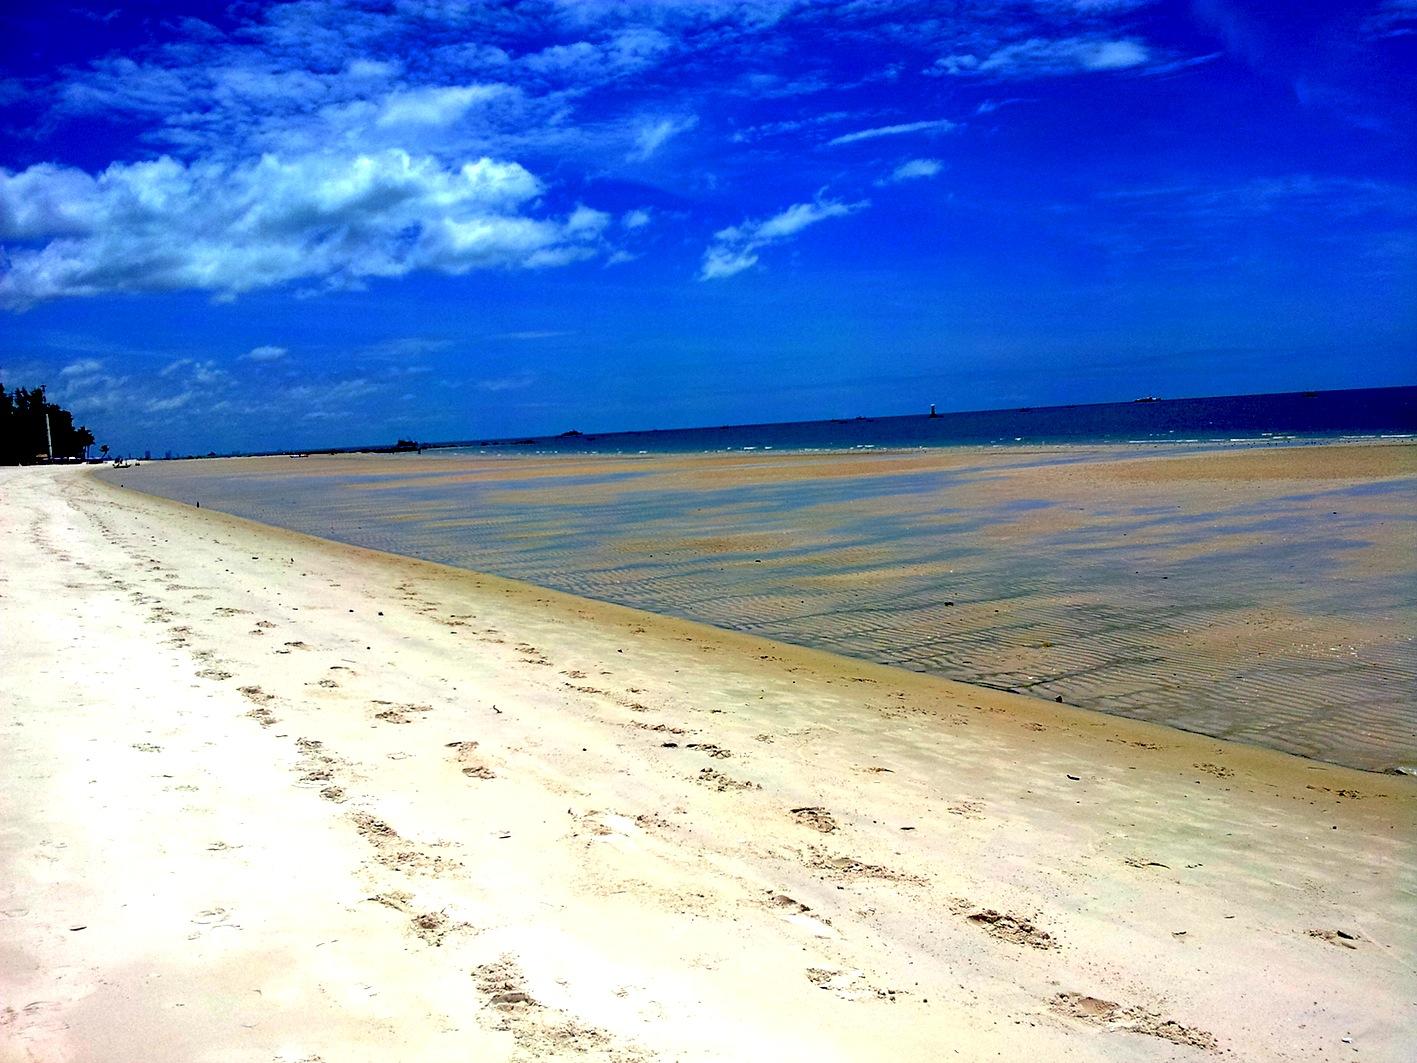 爬格子的鳳凰: 【華欣海灘 Hua Hin Beach】